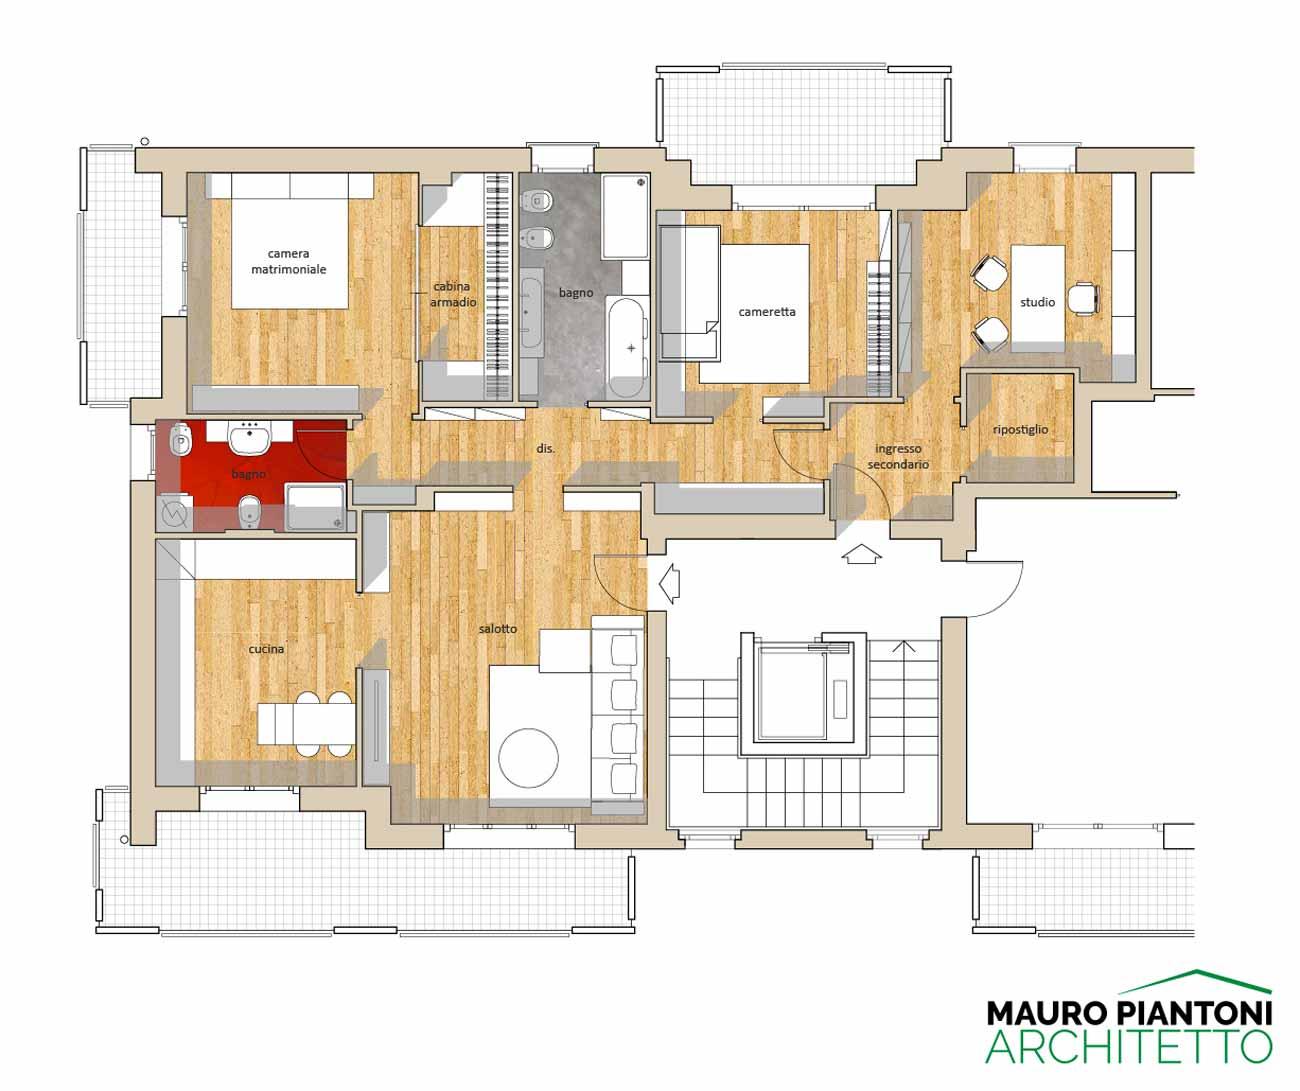 Ristrutturazione di interni casa pi milano studio piantoni for Progetti case interni